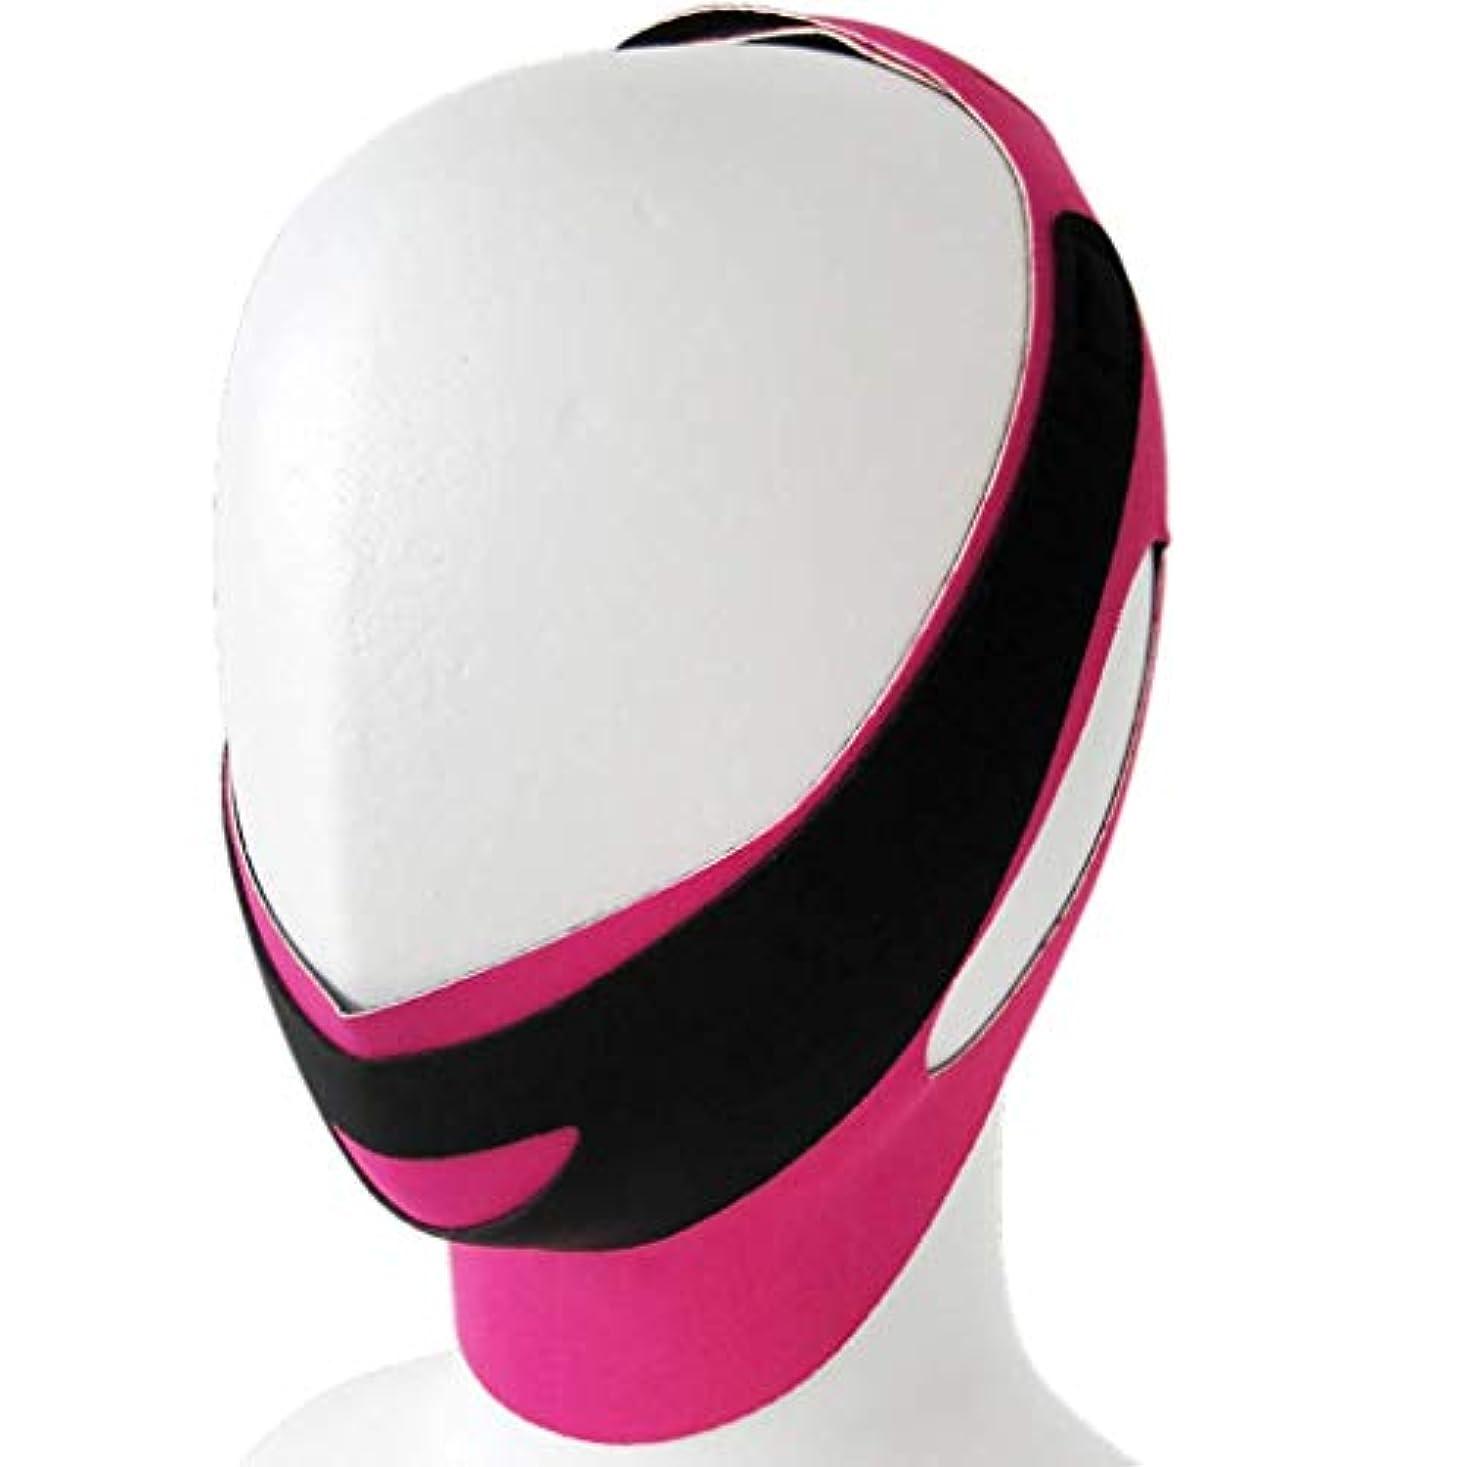 デュアル確認してください適用済み顔と首のリフト術後の弾性フェイスマスク小V顔アーティファクト薄い顔包帯アーティファクトV顔吊り耳リフティング引き締め薄い顔アーティファクト